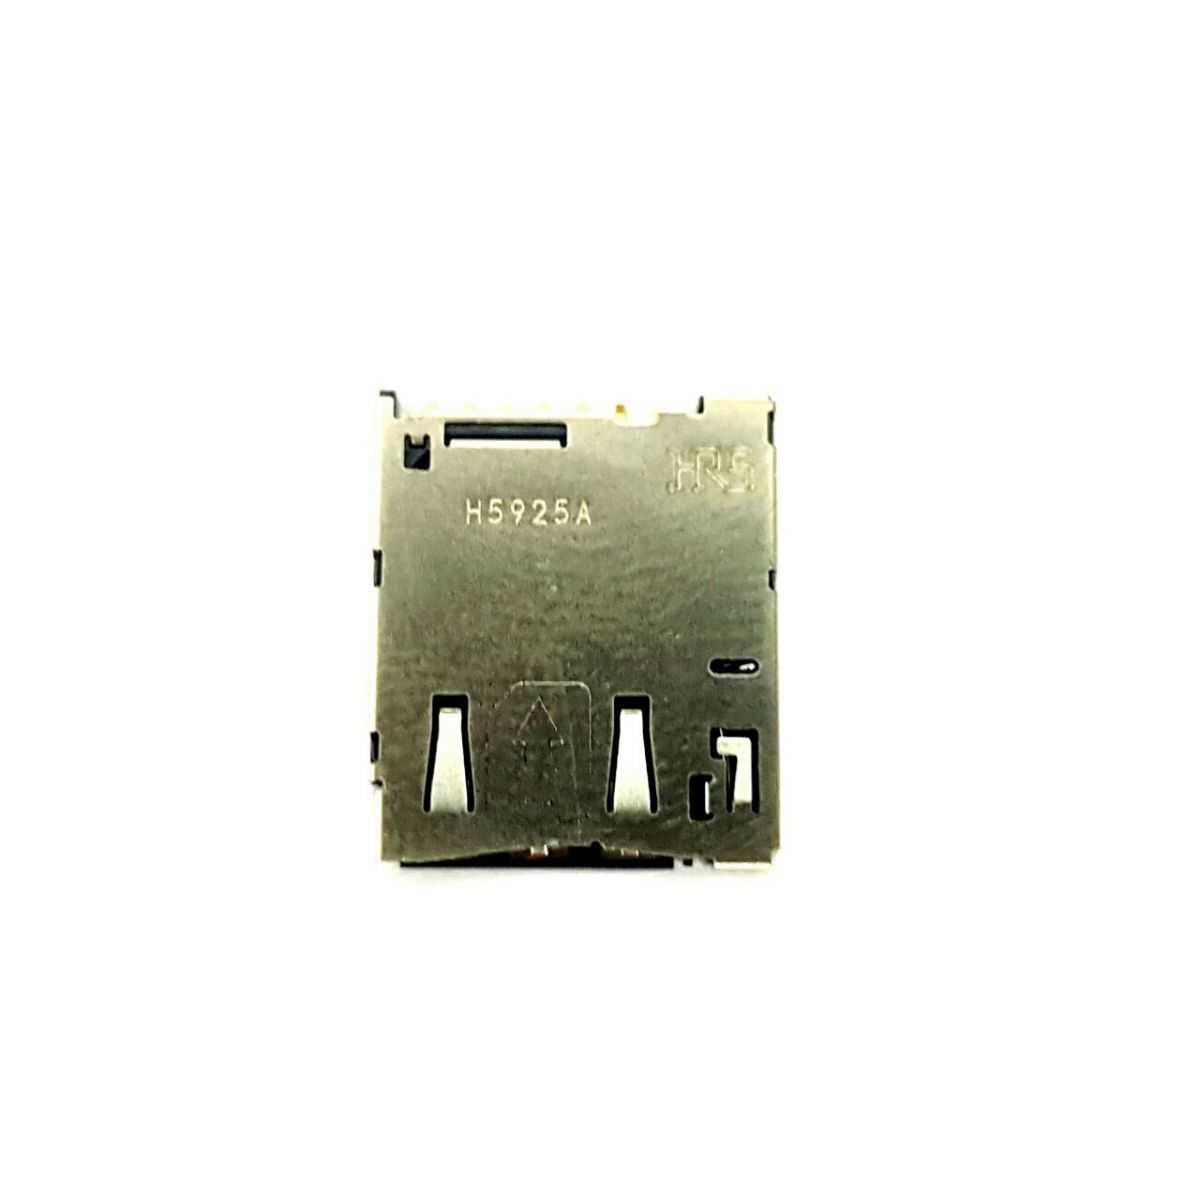 Conector Chip Sim Card Leitor Sony Xperia M4 Aqua E2306 E2363 E2353